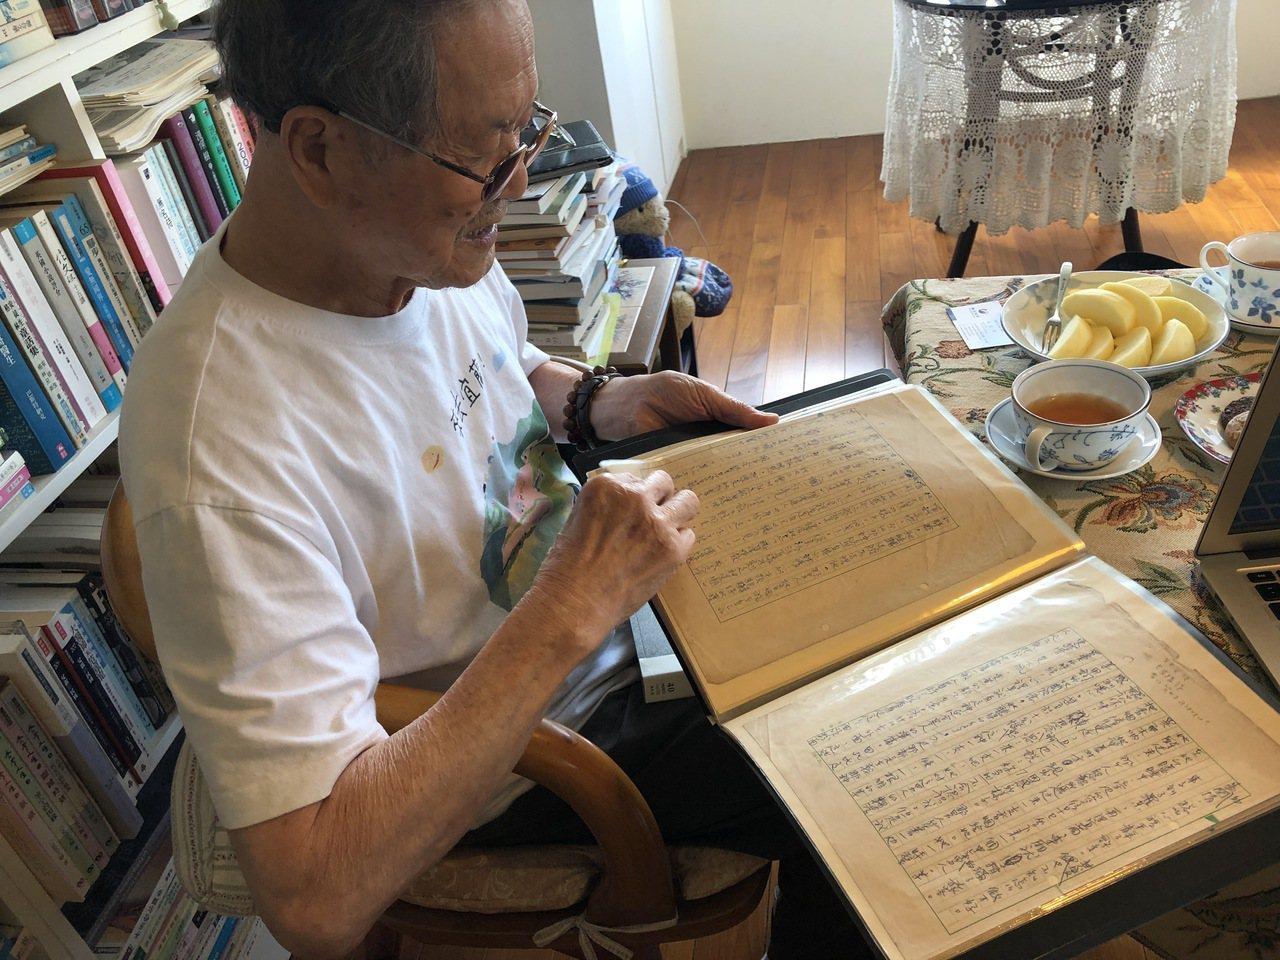 國寶級作家黃春明自豪以前用筆寫作時,因為腦中都有脈絡,不用怎麼改。記者何定照/攝...